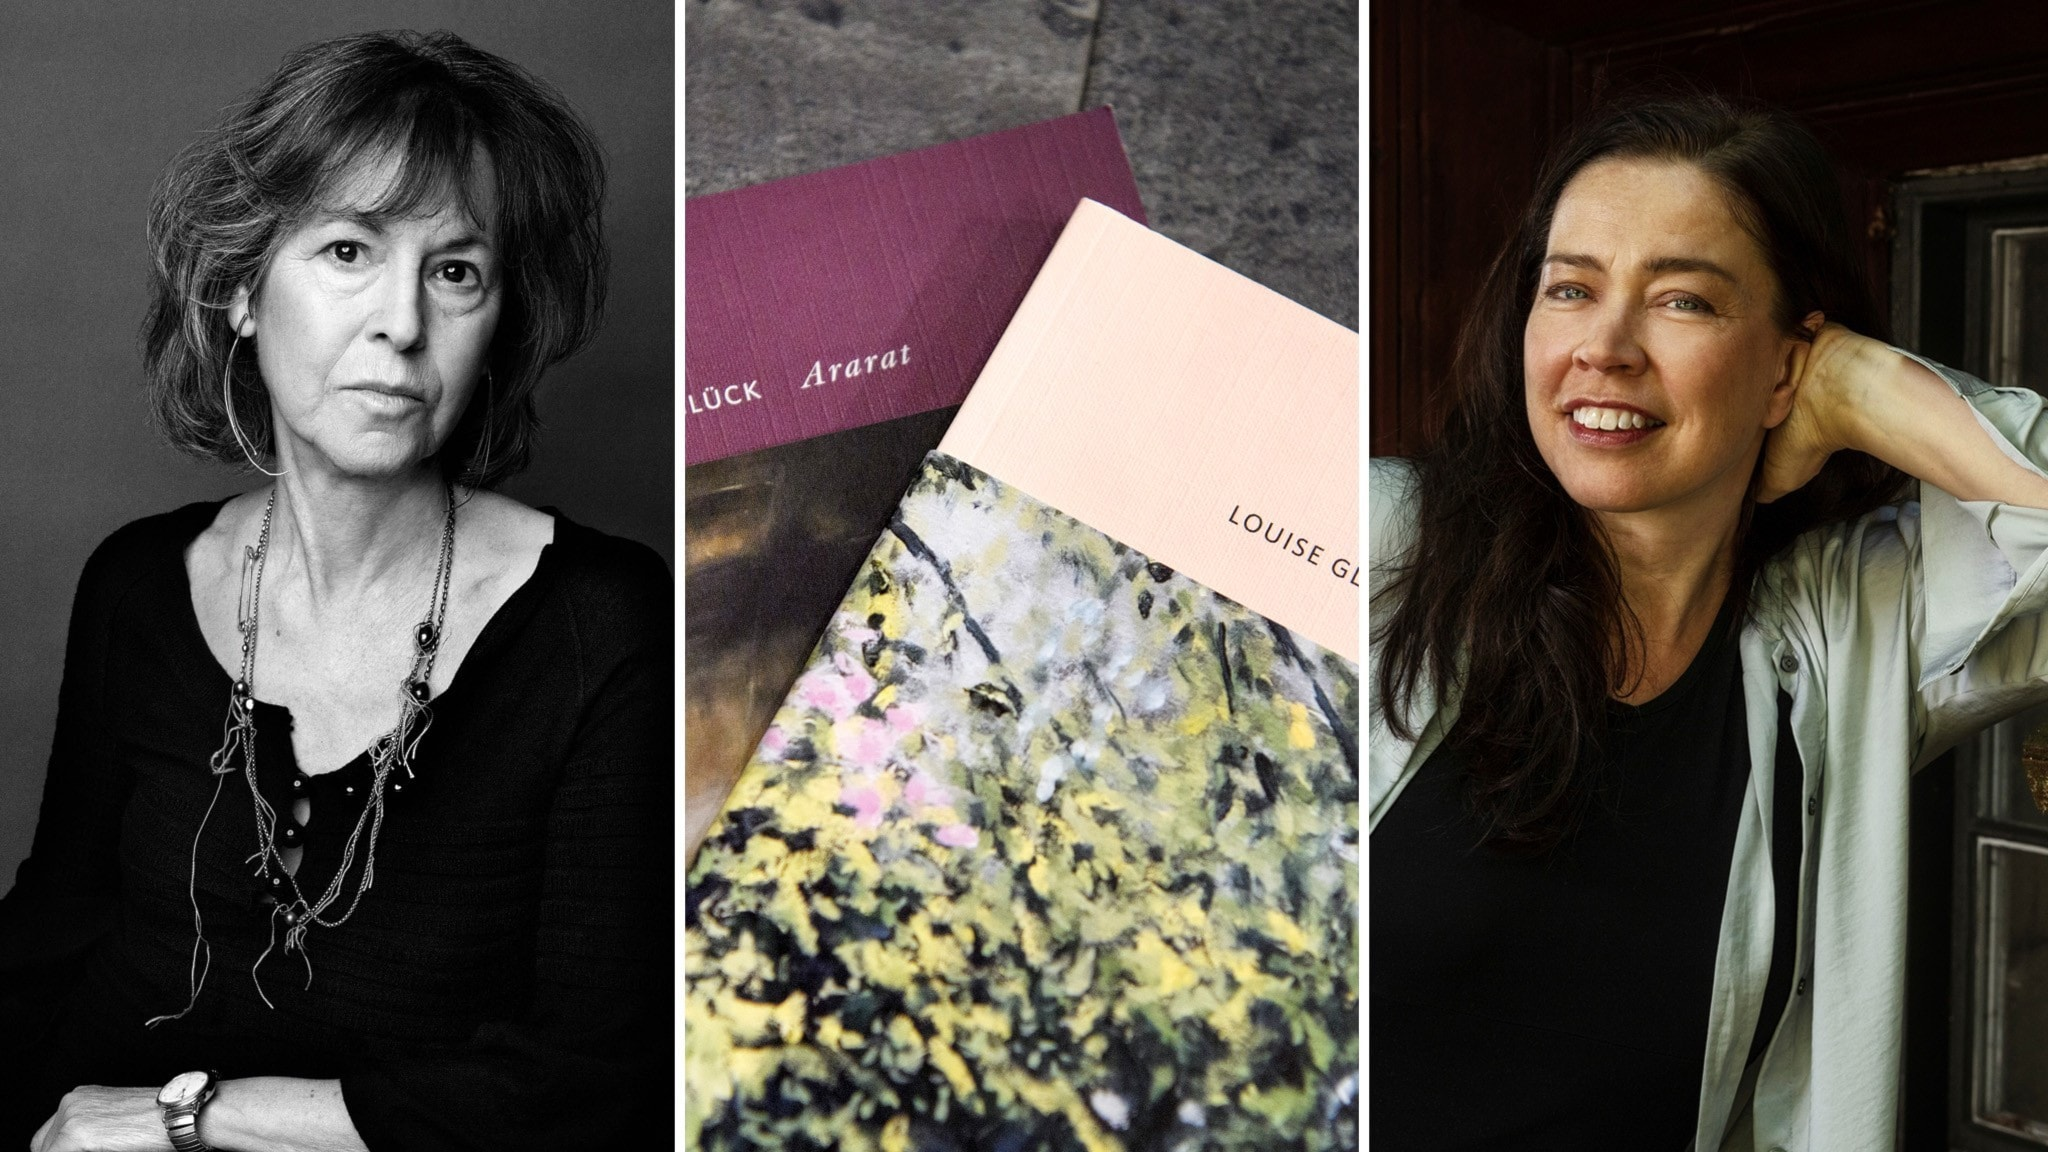 Lundströms Bokradio går in i litteraturpristagarens texter